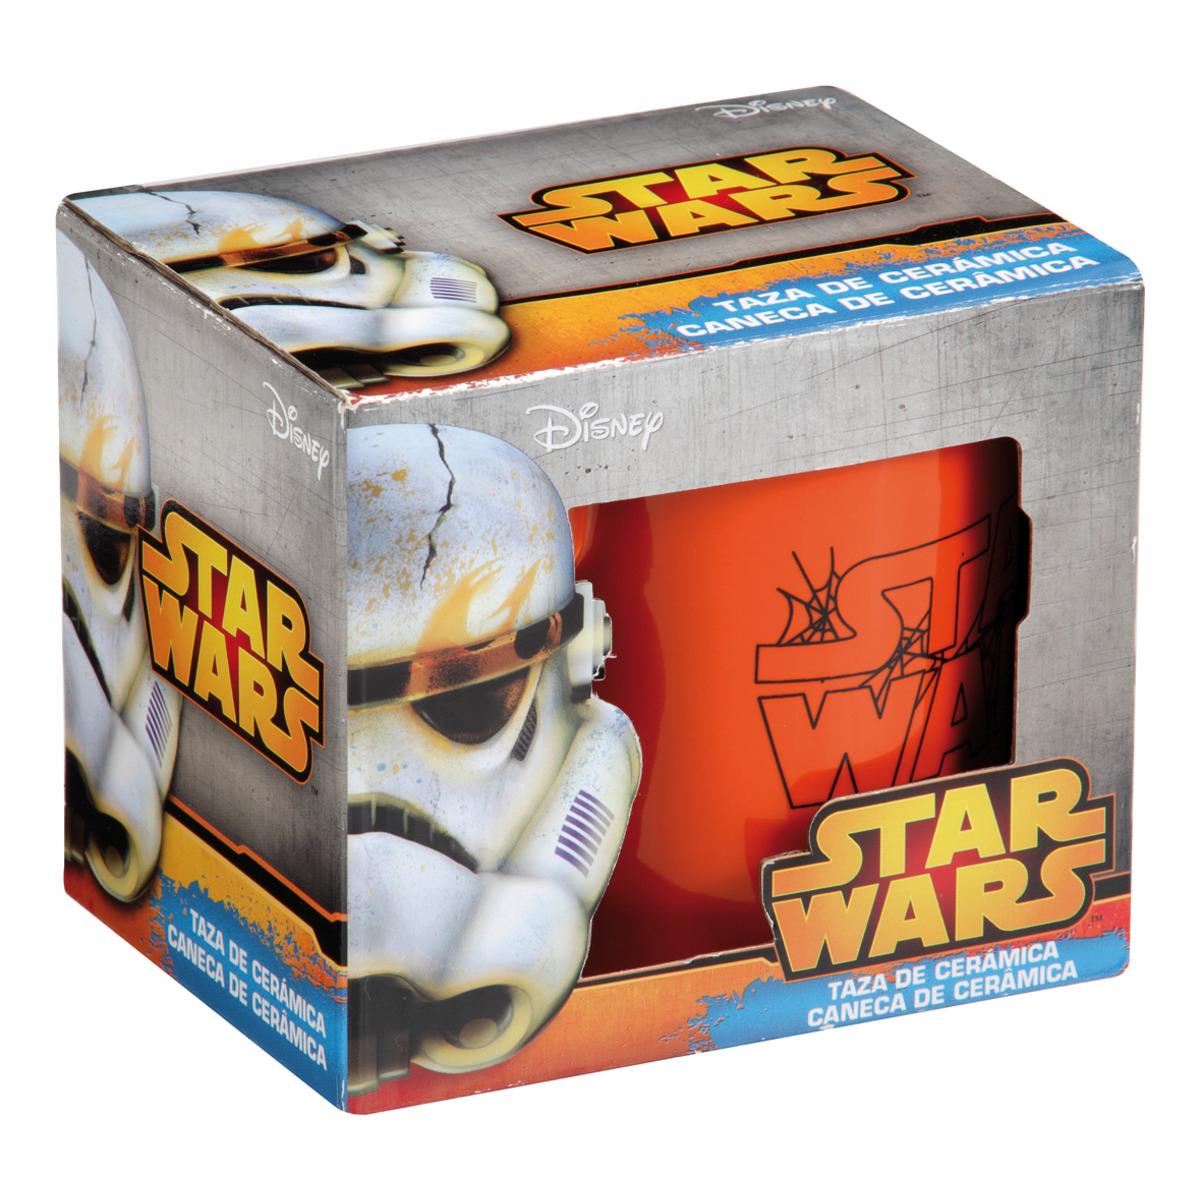 [BAJADA DE PRECIO A 0,48€] Taza Mug de café Star Wars